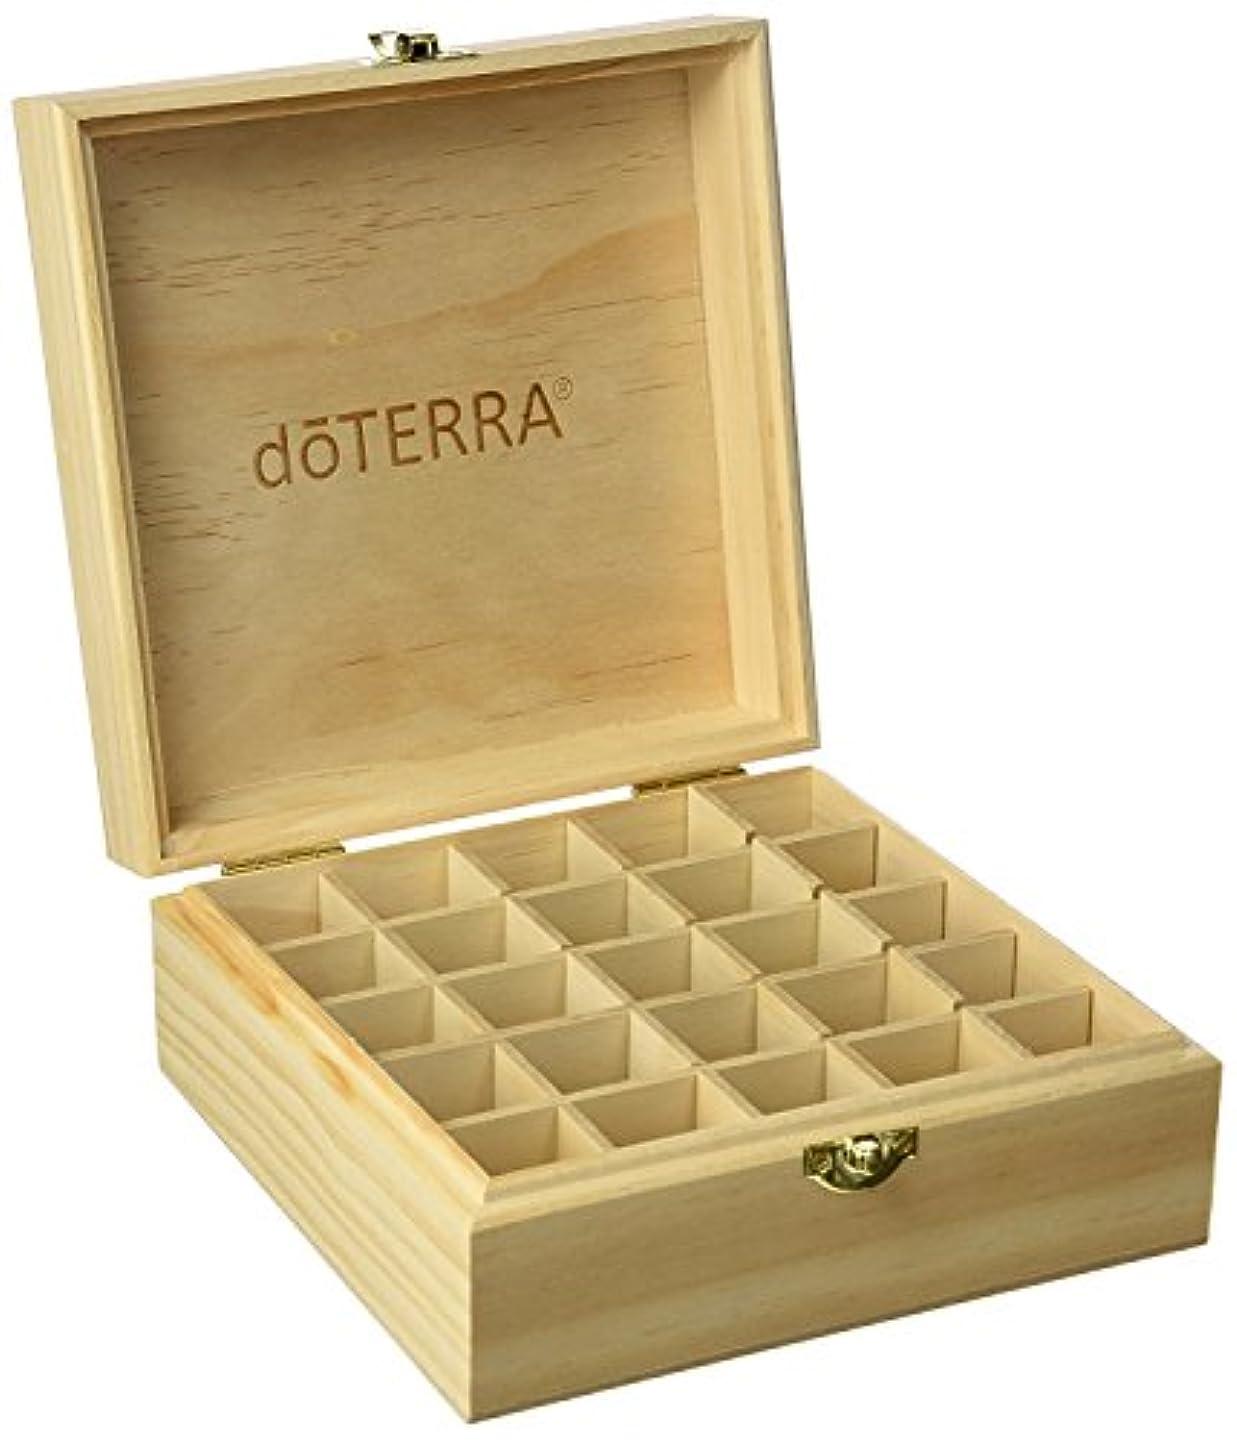 急流小さなトランペットエッセンシャルオイル収納ボックス25本用 エッセンシャルオイルボックス 20 mlのボトルを15 mlのための25のブロックによって木製のキャビネット